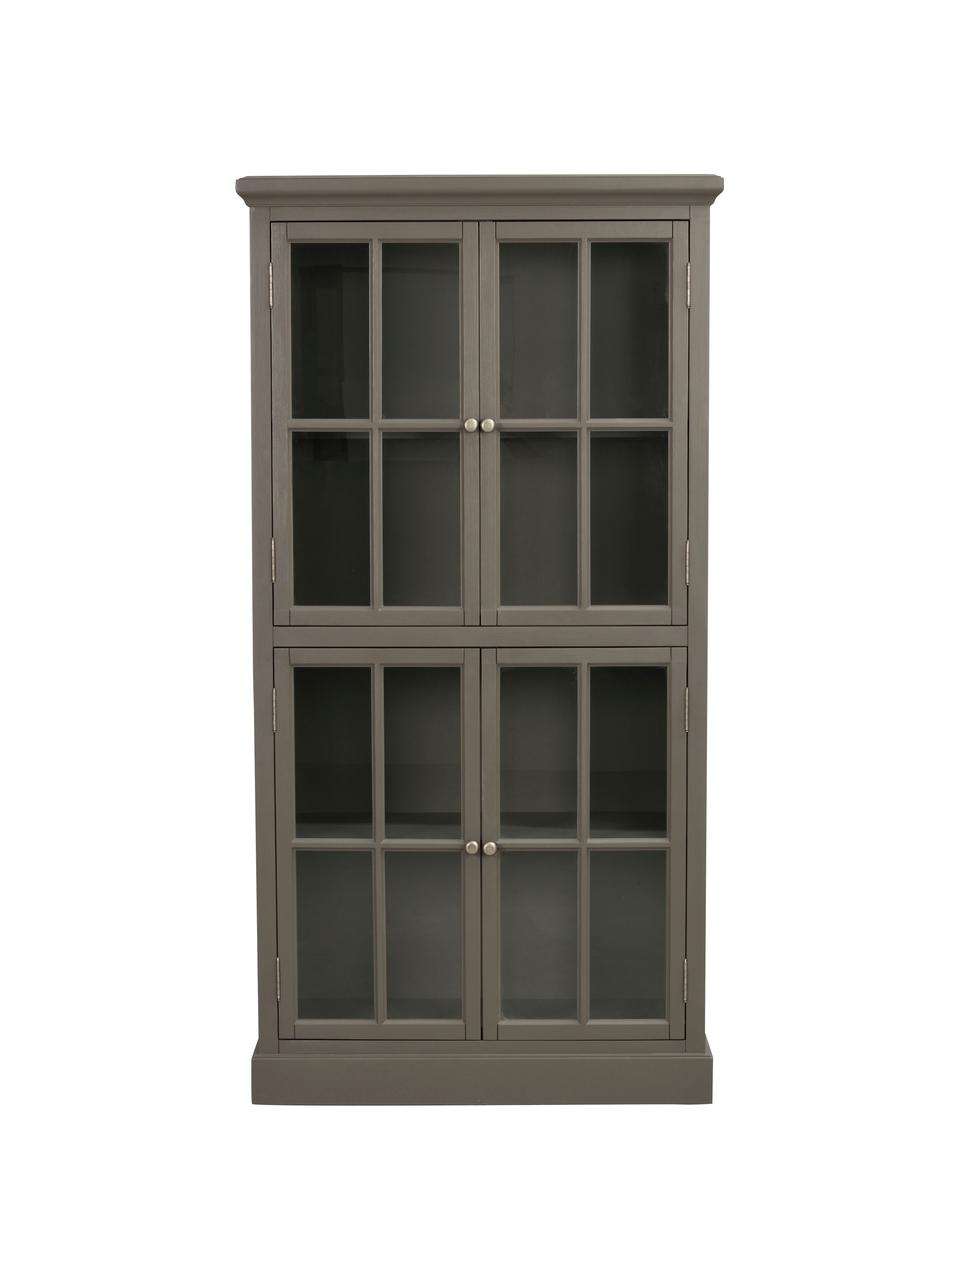 Glasvitrine Lorient in Grau mit Türen, Kiefernholz, lackiert, Mitteldichte Holzfaserplatte (MDF), Grau, 95 x 185 cm